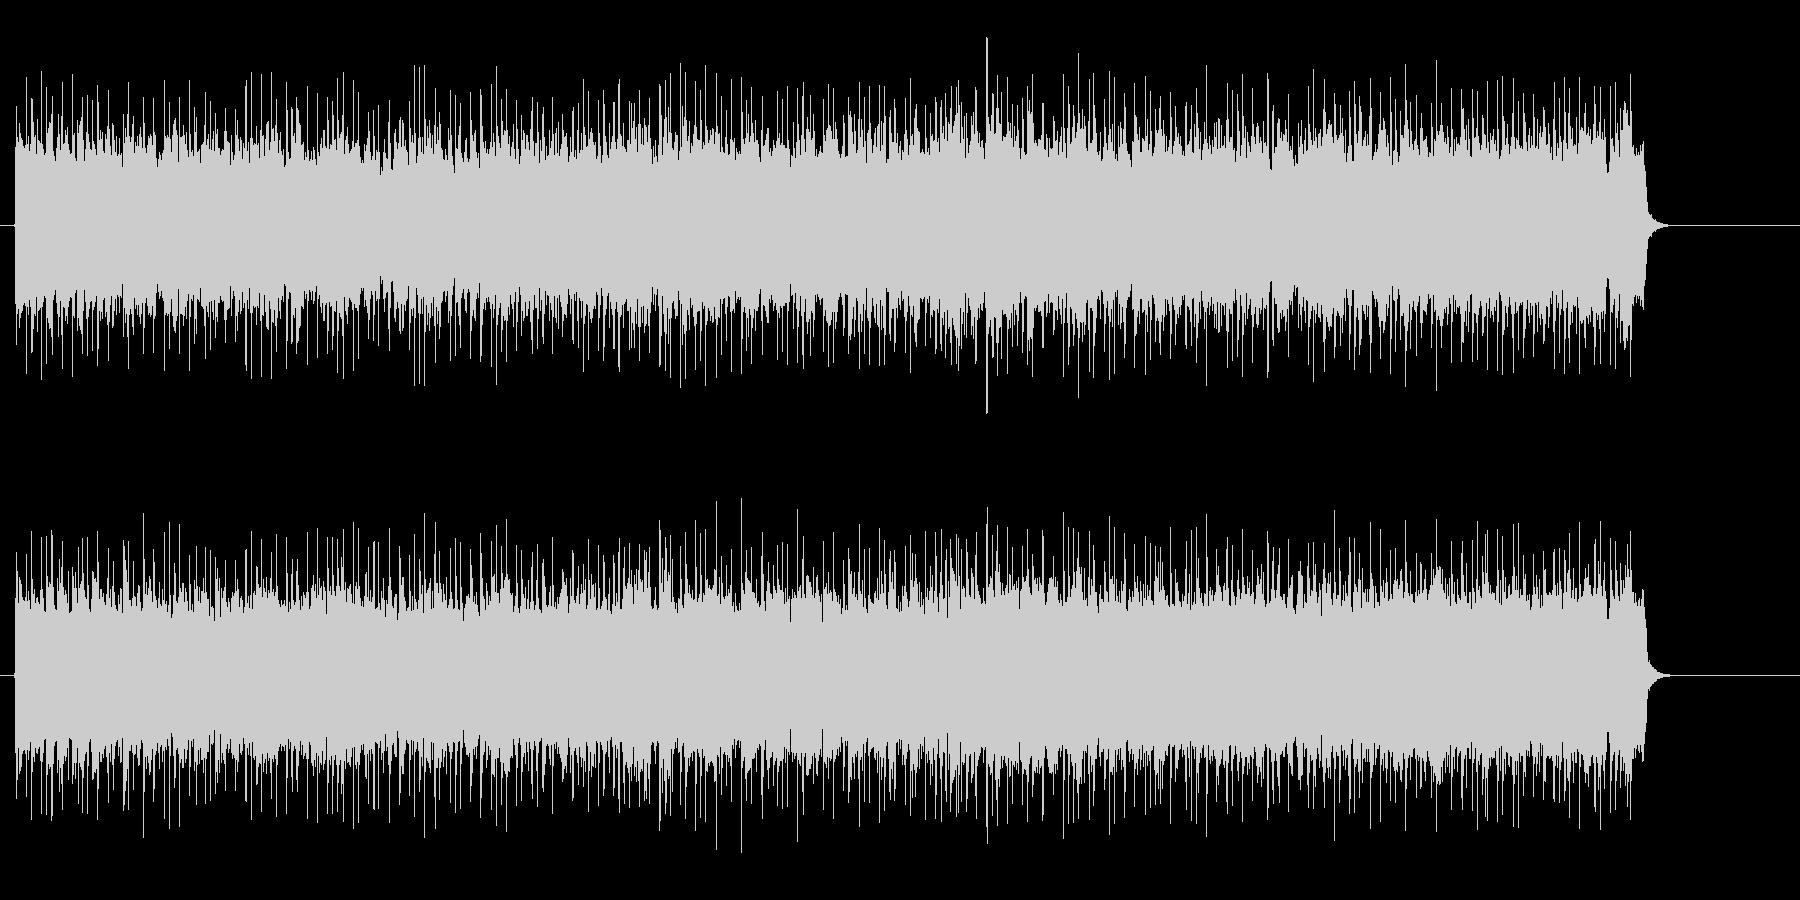 アメリカンロック/ポップ(A~B~A)の未再生の波形